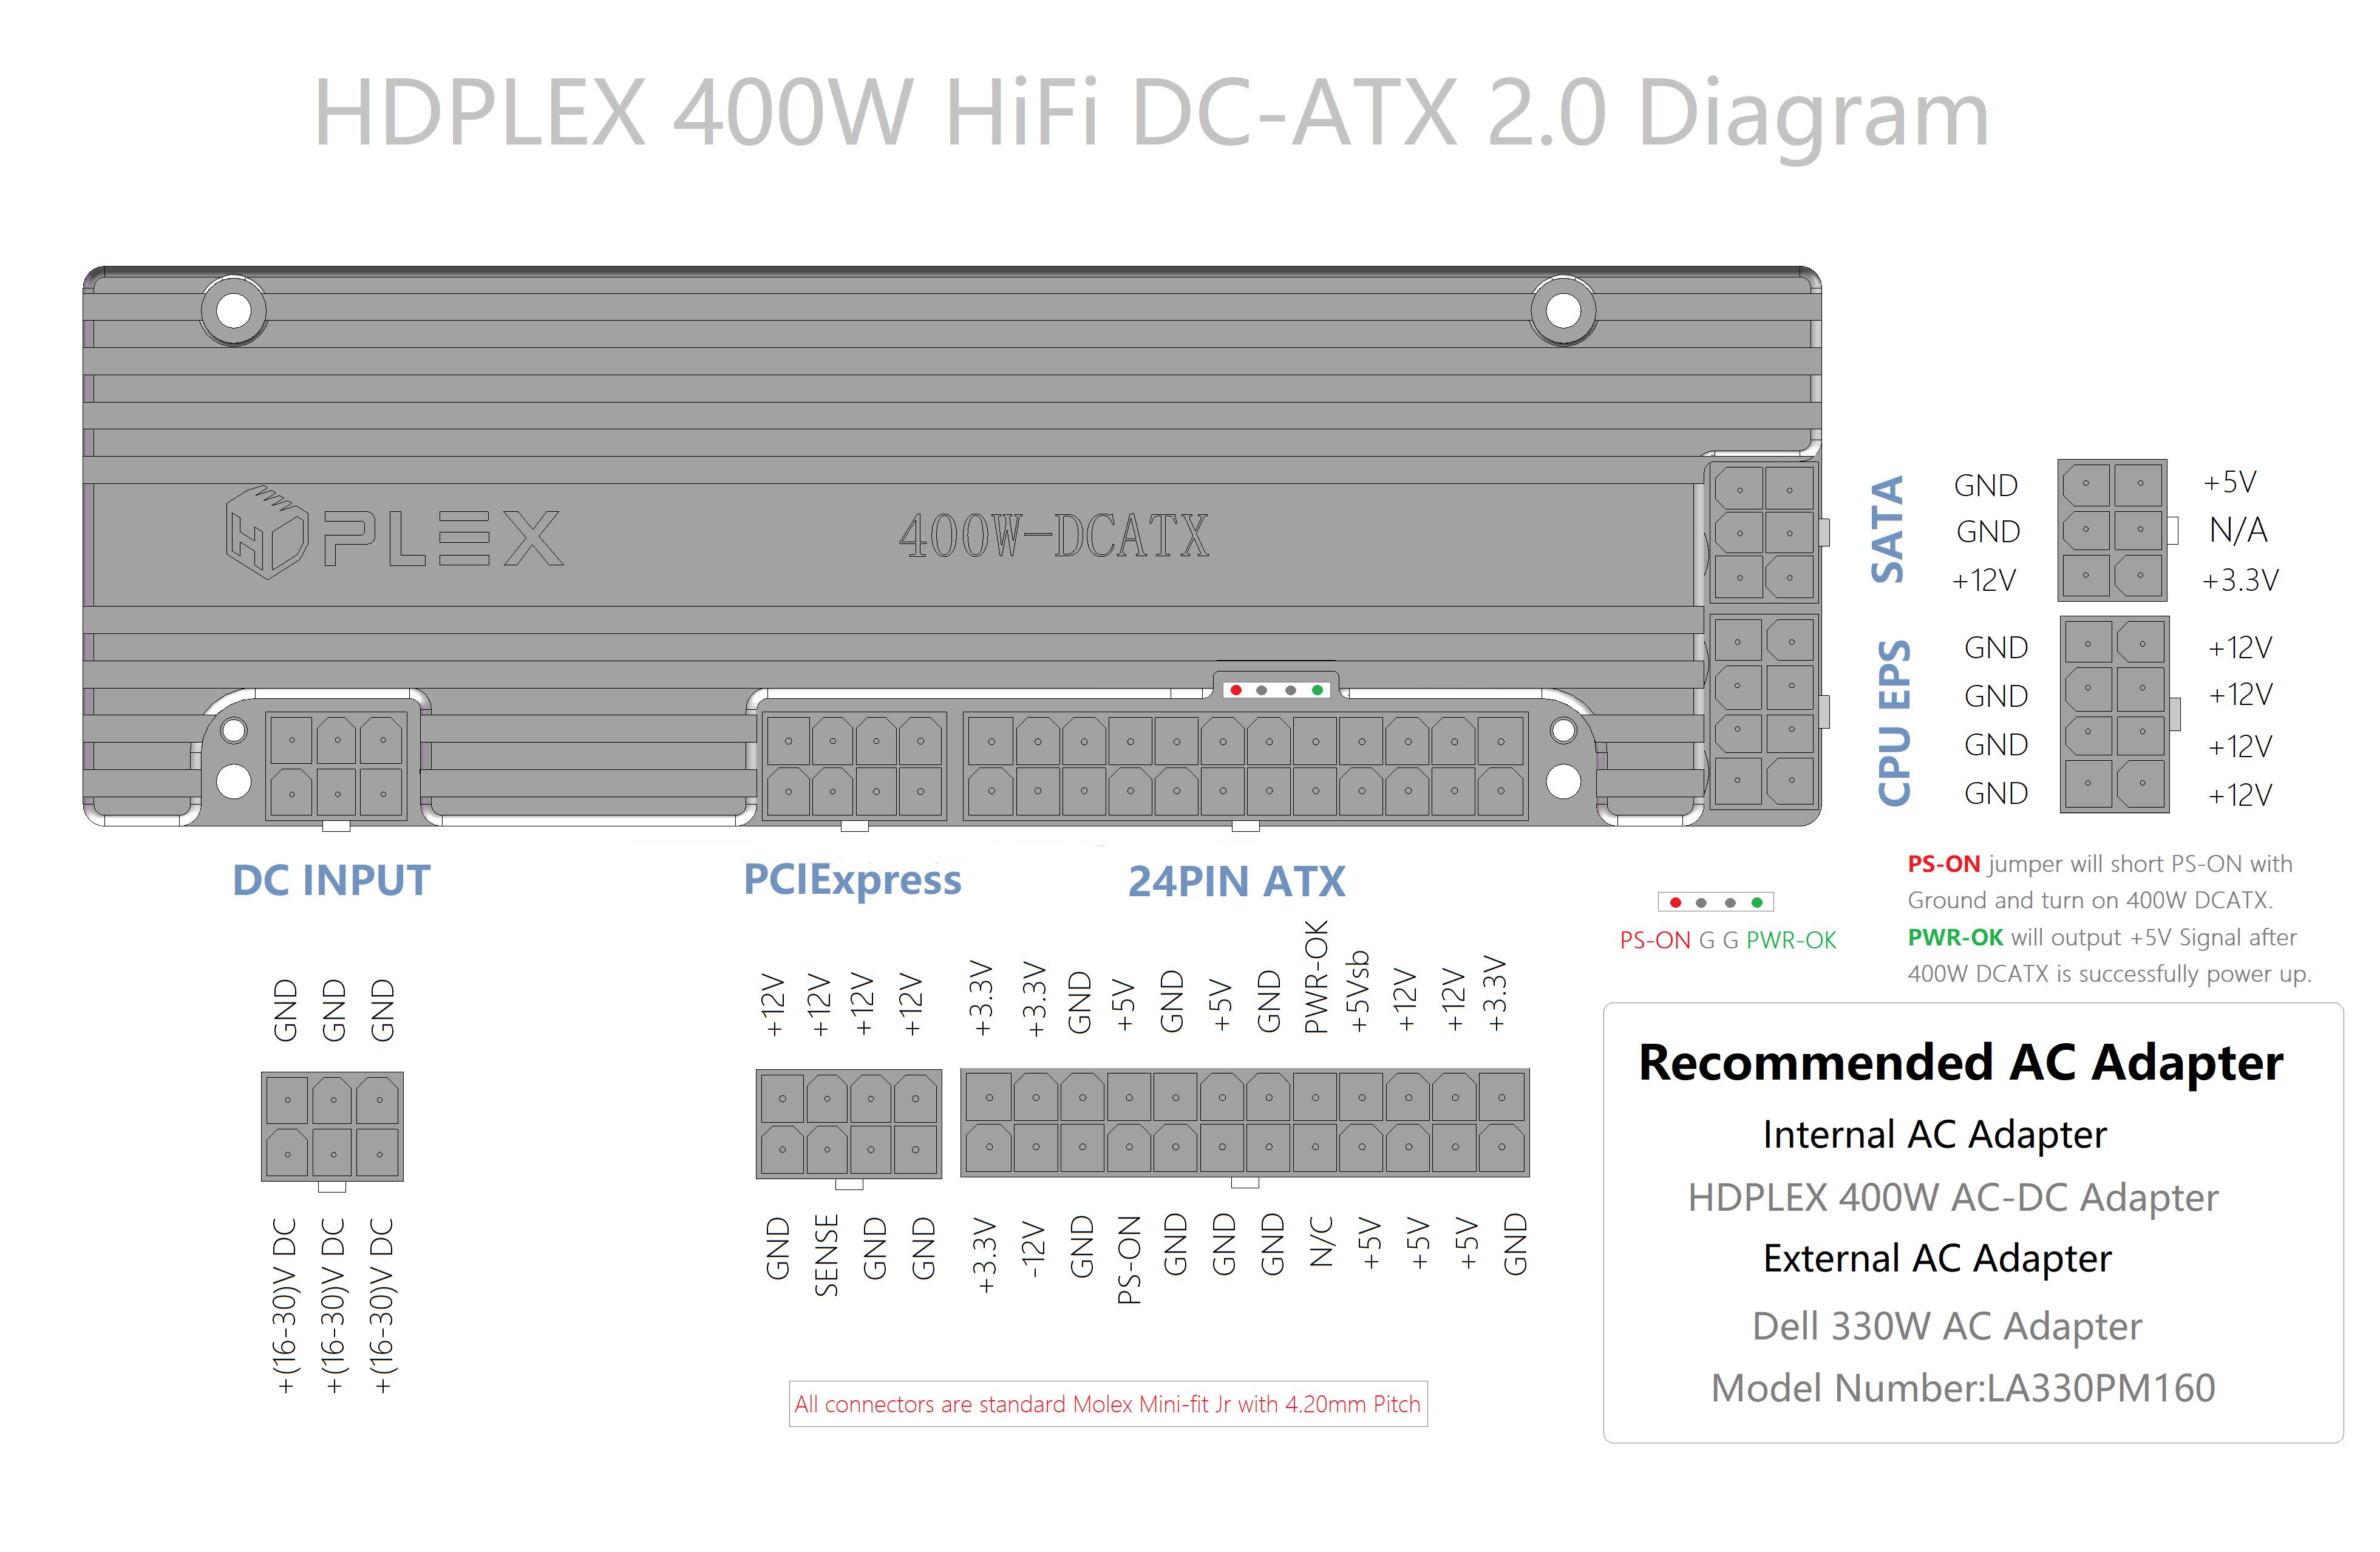 HDPLEX 400W HiFi DC-ATX